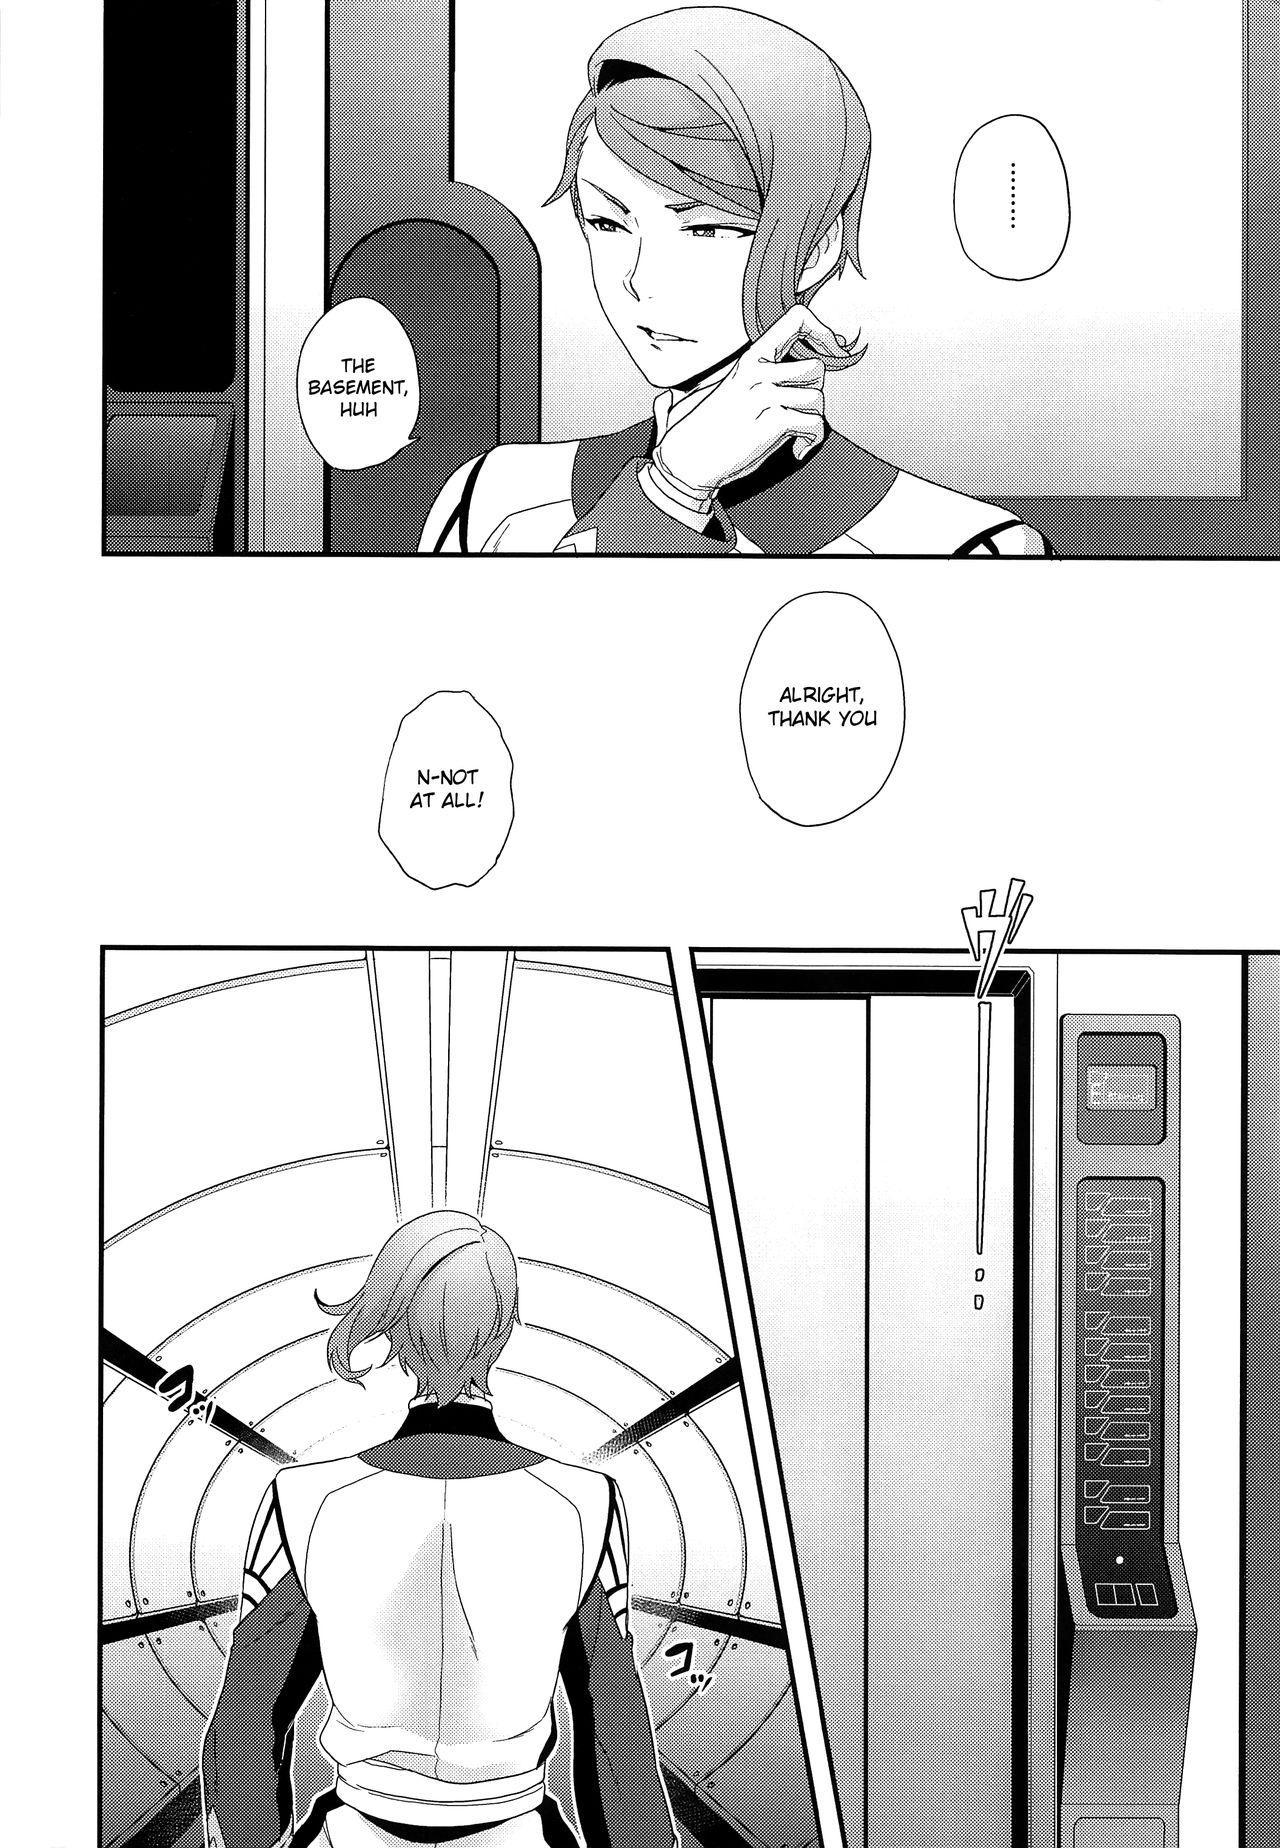 Shounen no seichou, seinen no koukai   A Boy's Growth, A Young Man's Remorse 4